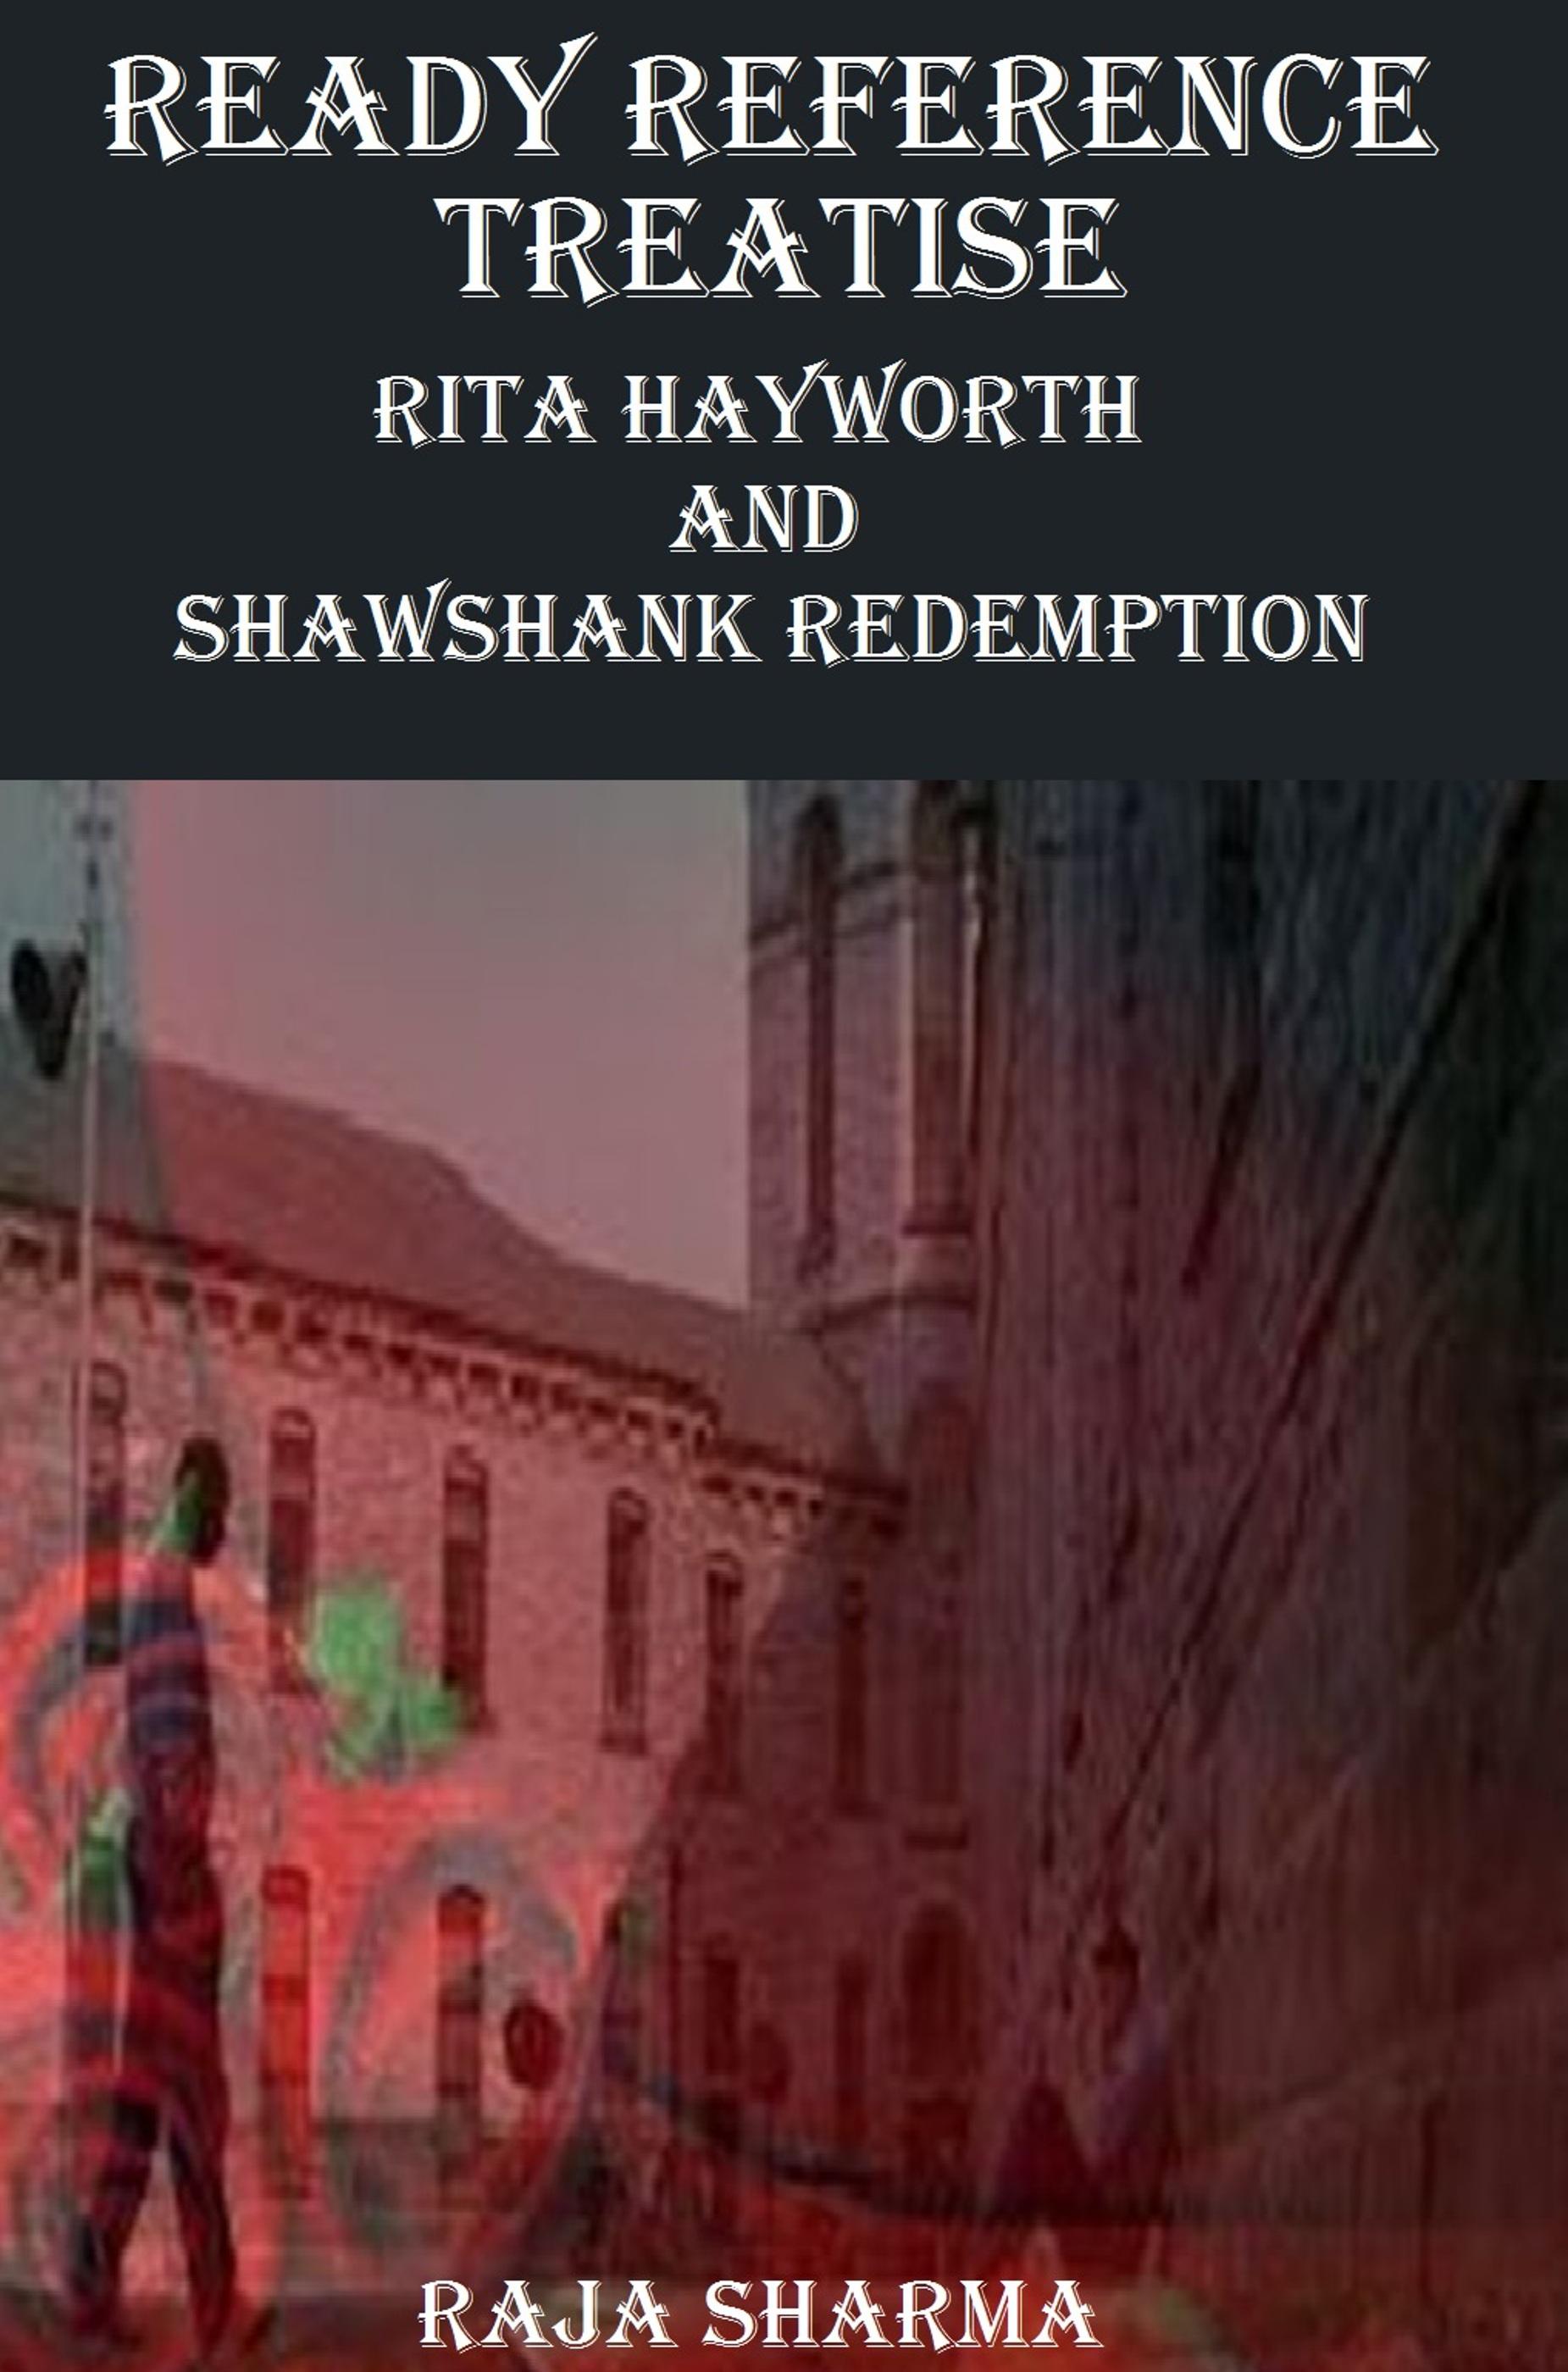 rita hayworth shawshank redemption essays